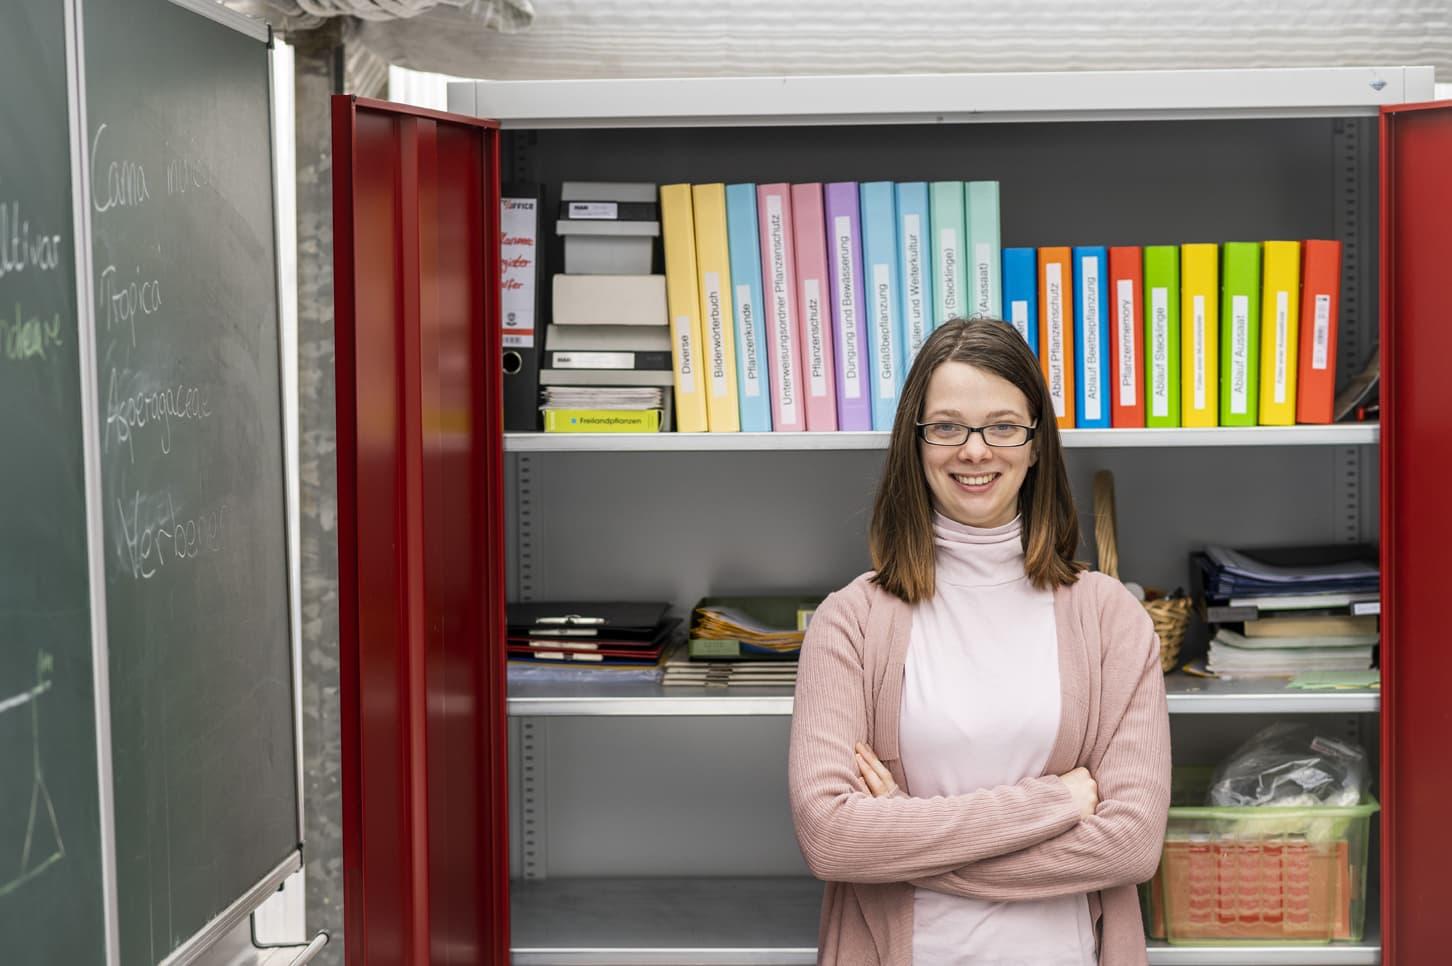 Junge Frau vor aufgeräumten Schrank mit nach Farben sortierten Ordnern